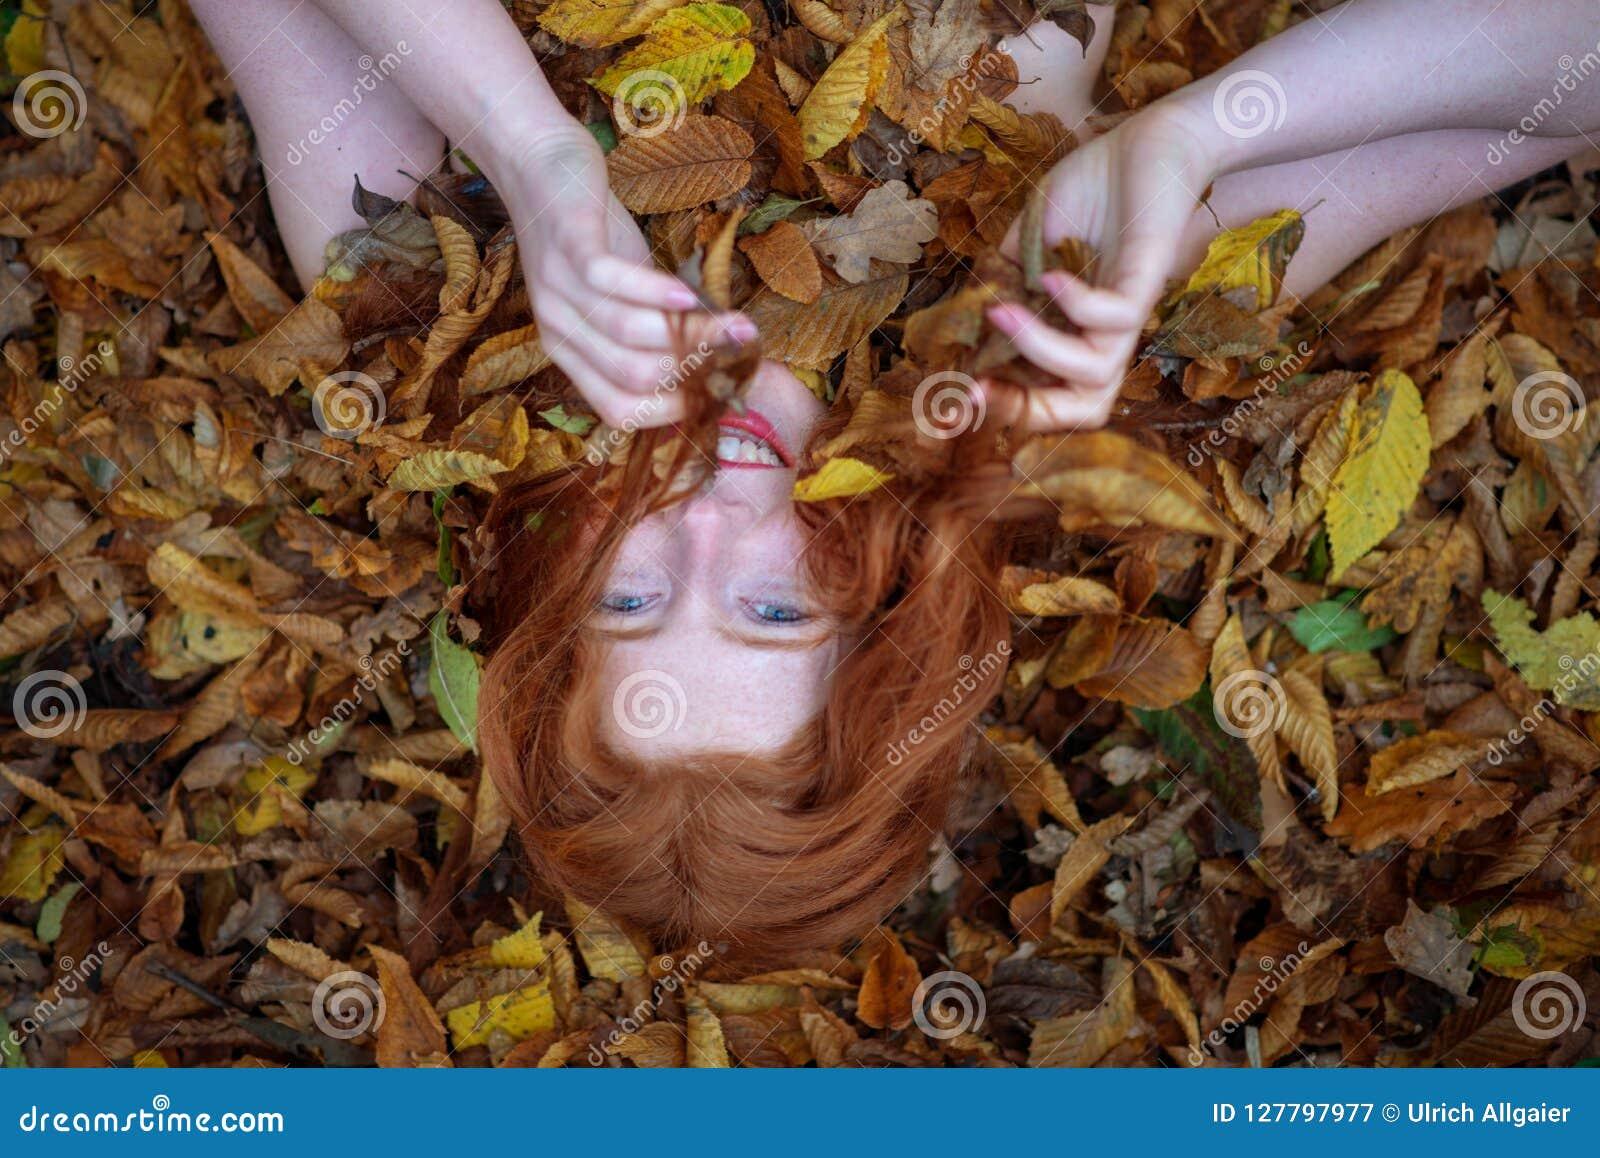 Portret van een leuk jong mooi die meisje, met rode en oranje herfstbladeren wordt behandeld Mooie sexy vrouw die op de herfstbla